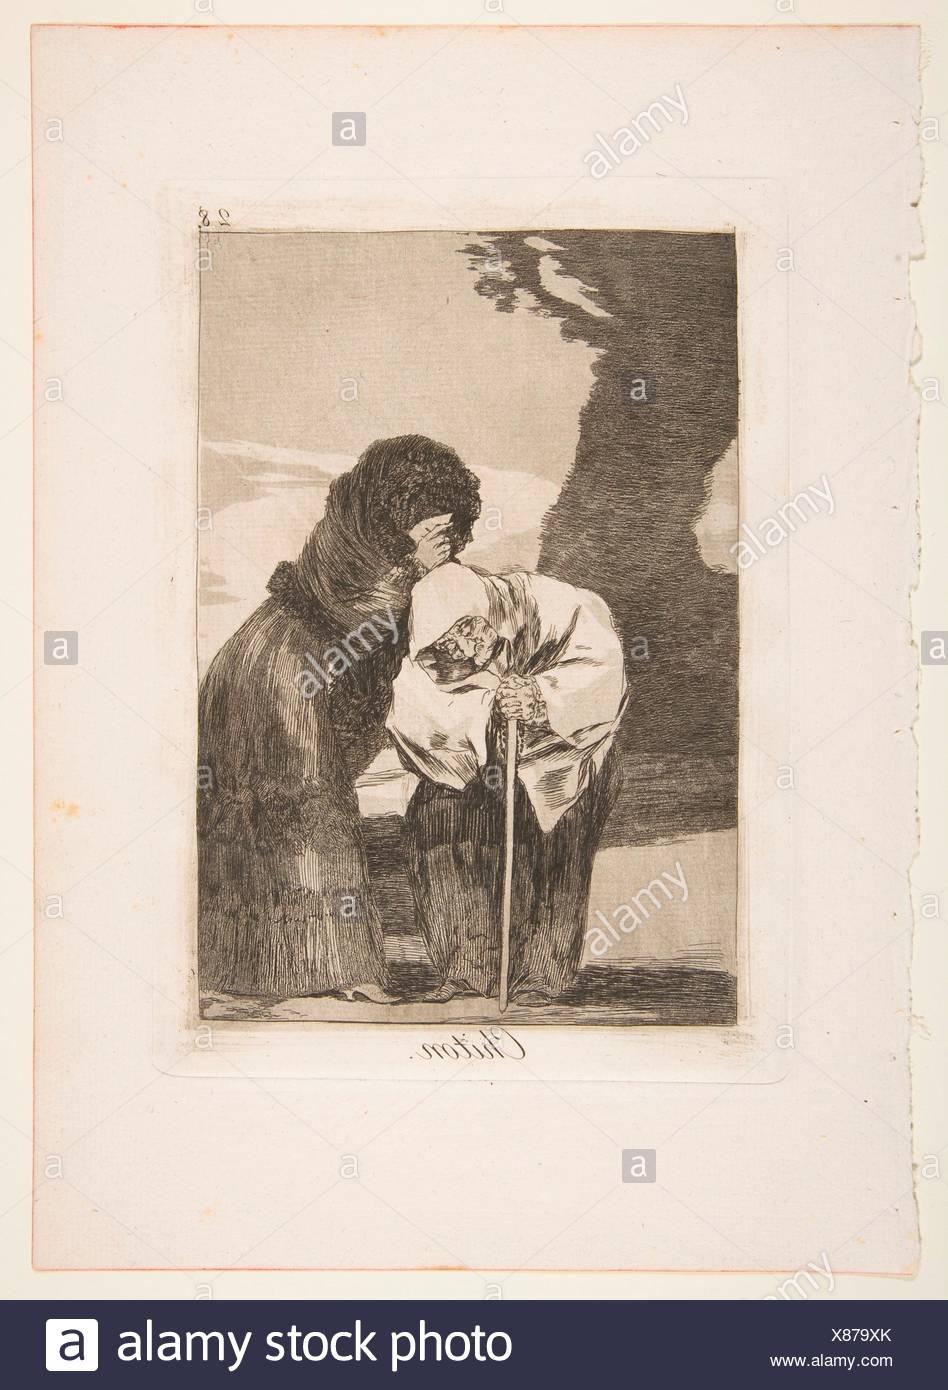 Plate 28 from 'Los Caprichos': Hush (Chiton.). Series/Portfolio: Los Caprichos; Artist: Goya (Francisco de Goya y Lucientes) (Spanish, Fuendetodos - Stock Image